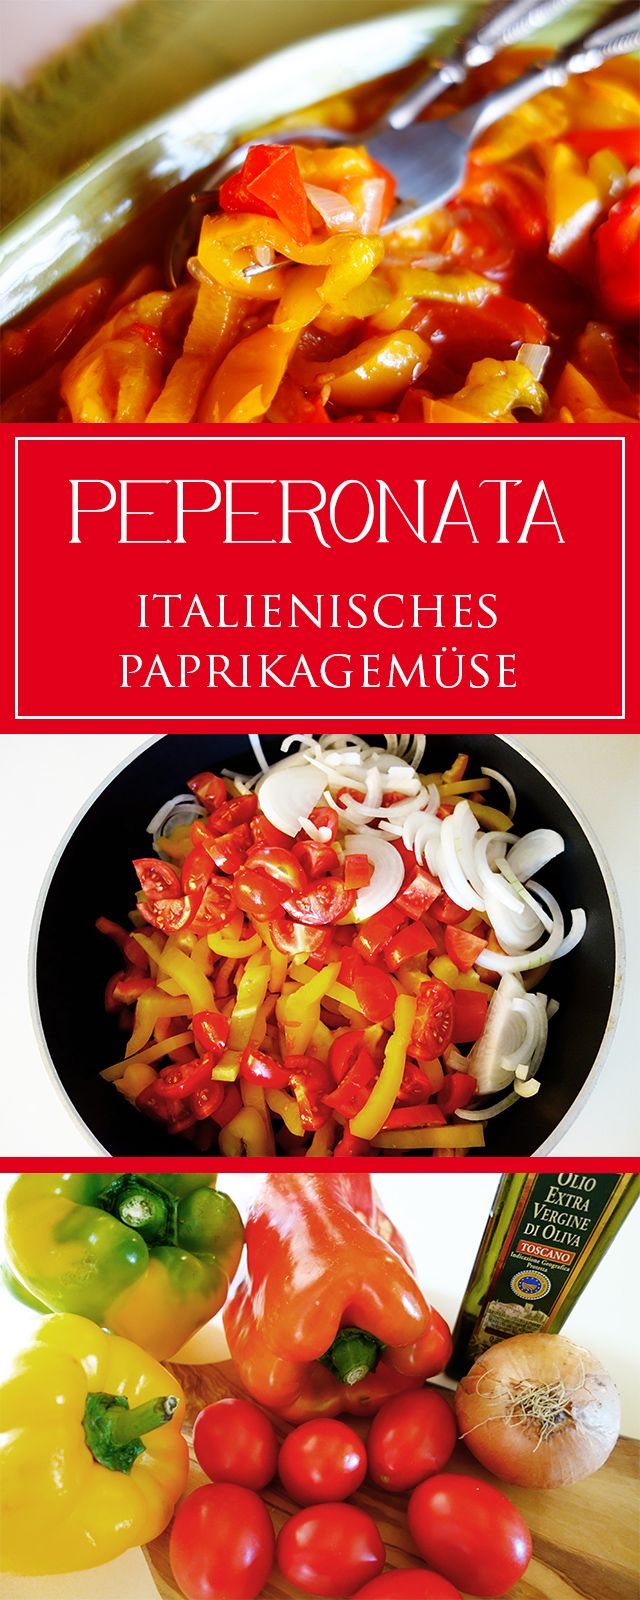 Peperonata - ein einfaches, leckeres Rezept für die vegetarische Beilage - toll für alles vom Grill & auch glutenfrei & gesund ❤️ | cucina-con-amore.de